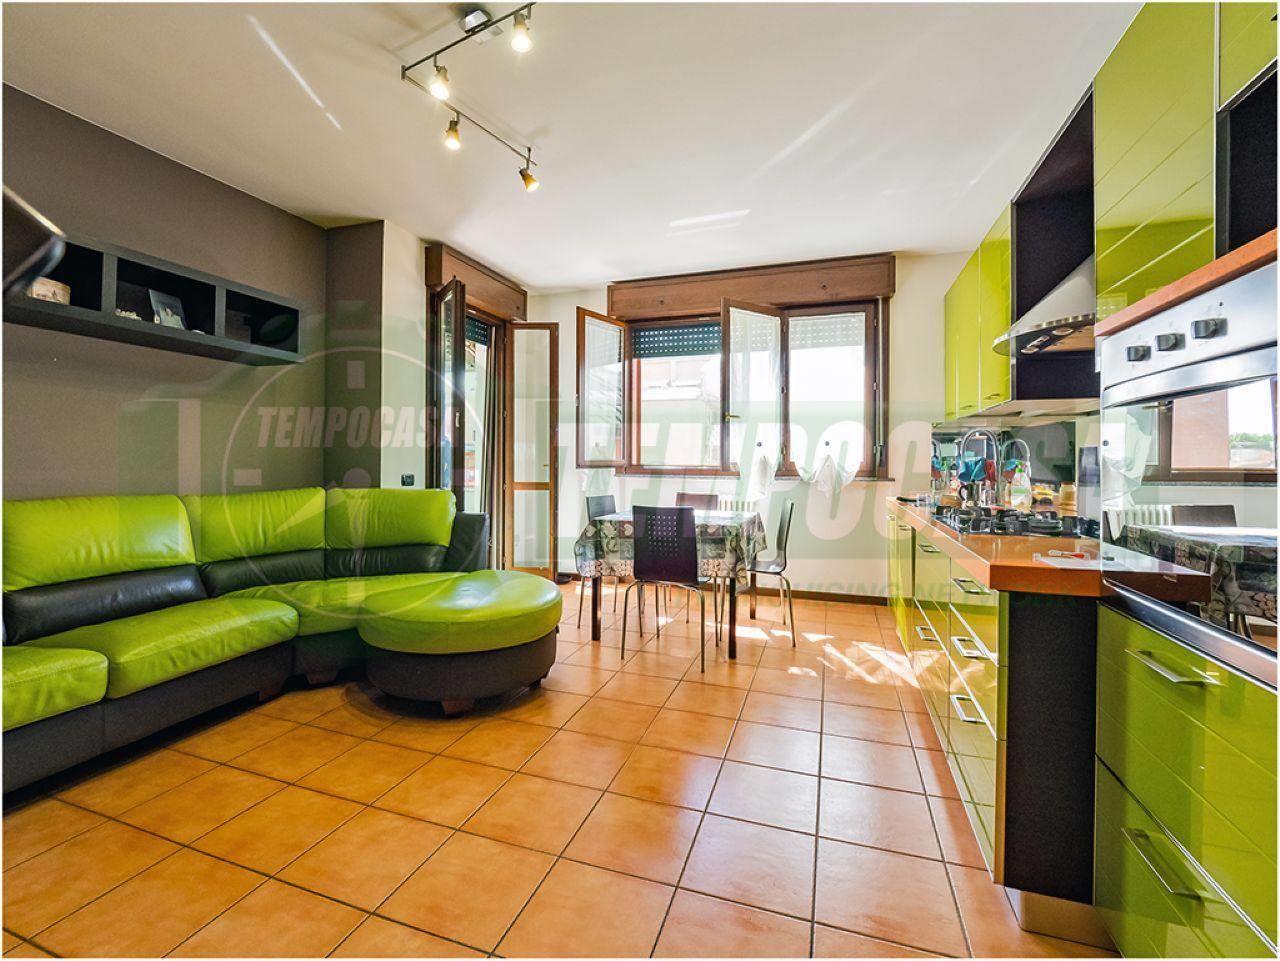 Foto 7 - Appartamento in Vendita - Cesano Maderno (Monza e Brianza)